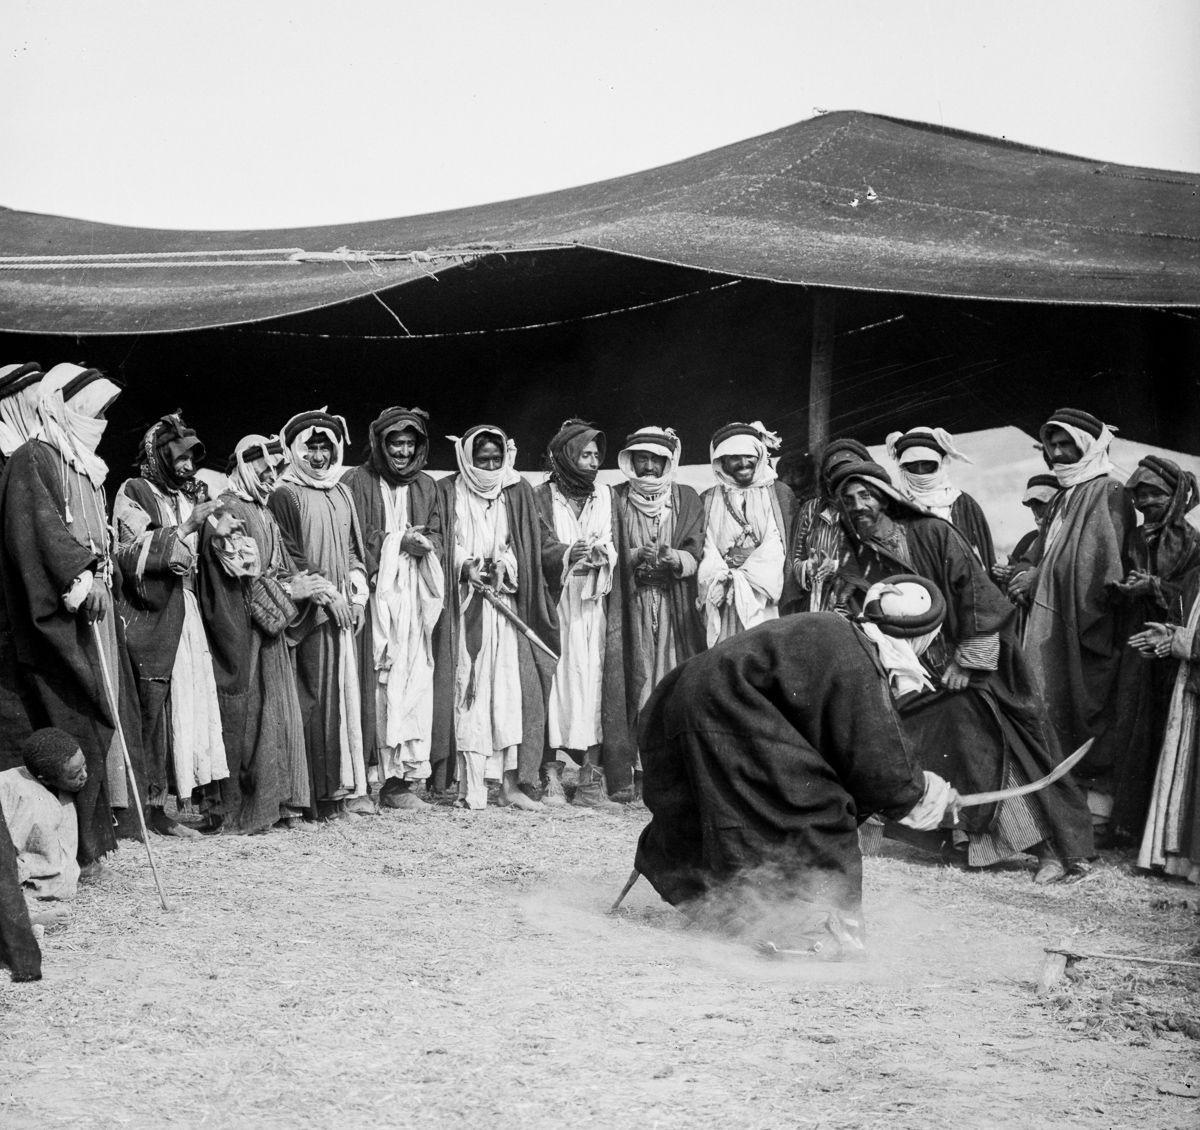 غيّرت السلطات الإسرائيلية حياة البدو أيضًا (صورة لبدو القدس في القرن التاسع عشر)